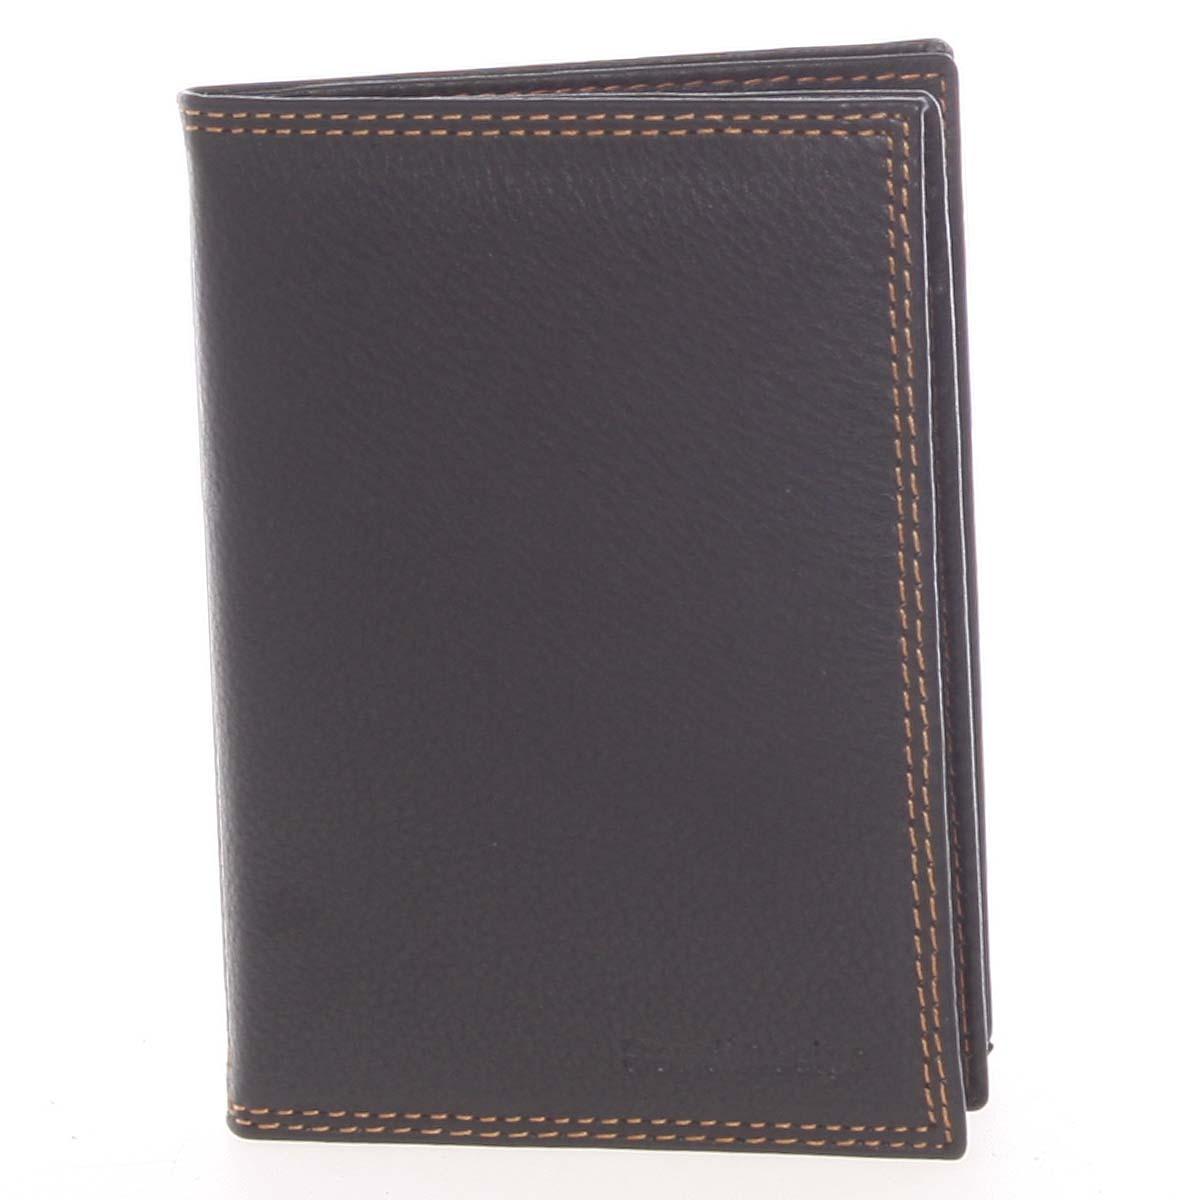 Luxusní pánská kožená černá prošívaná dokladovka - SendiDesign Rhesus